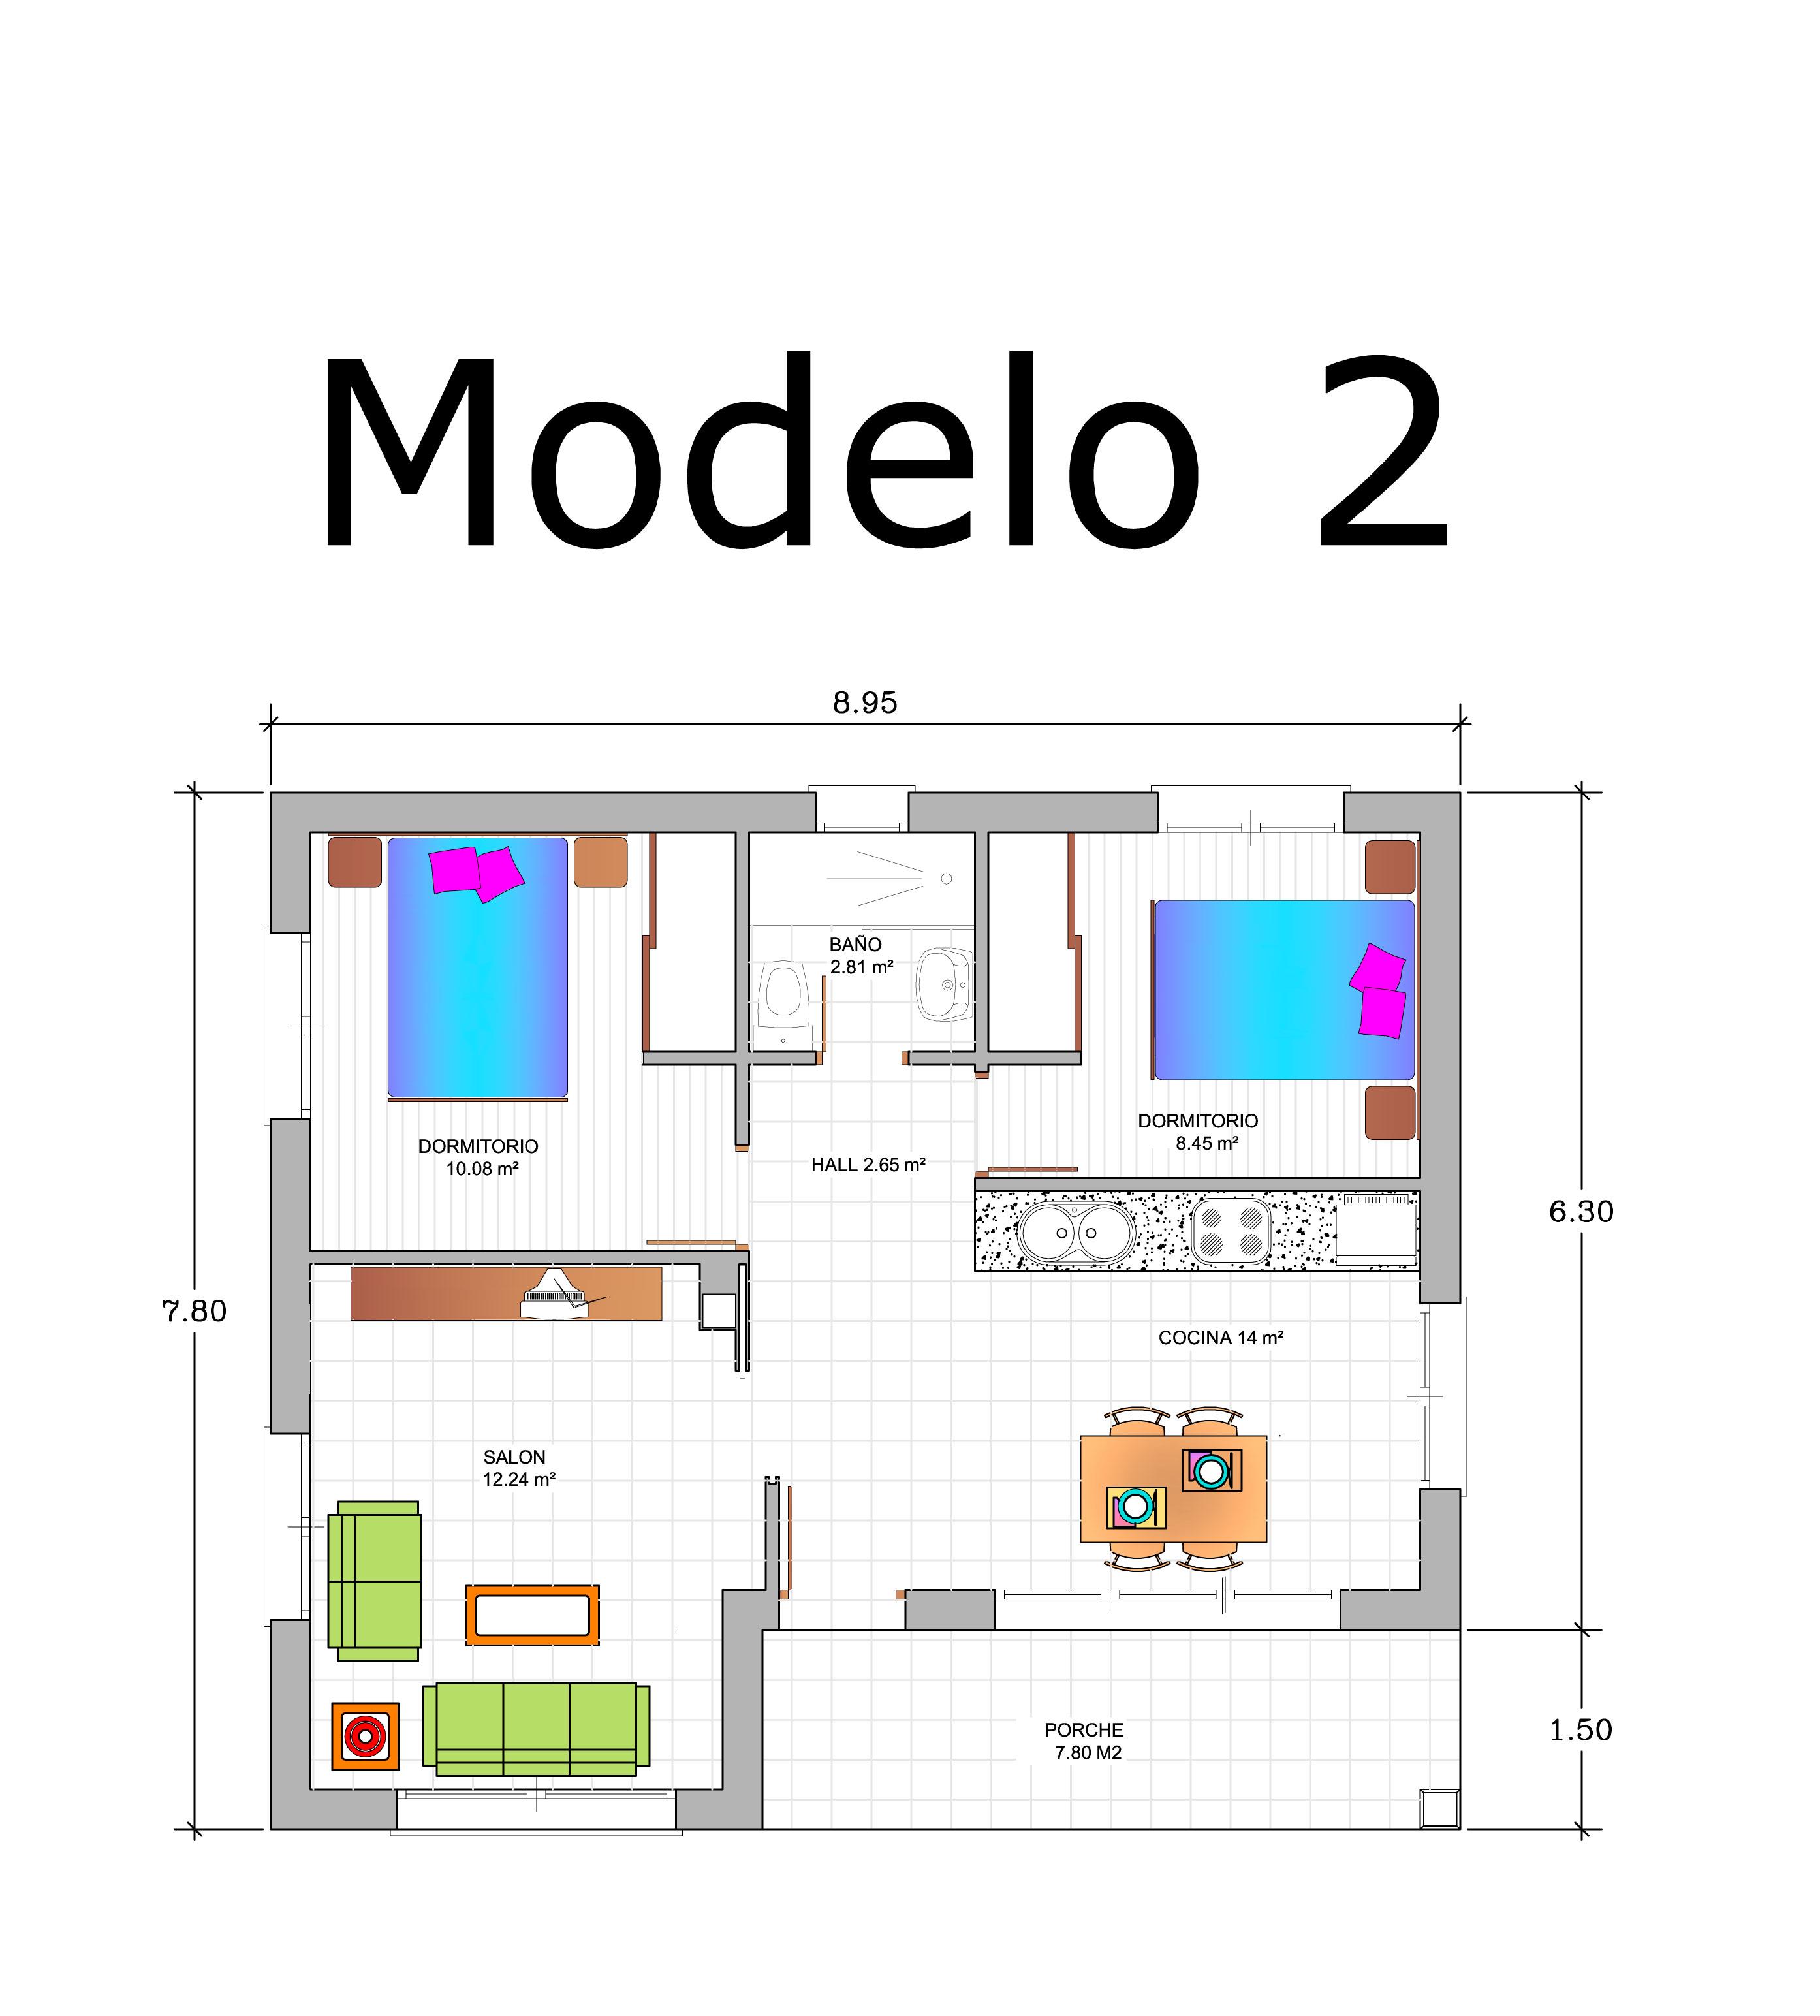 Precio reforma piso 70 m2 oferta reforma integral piso m with precio reforma piso 70 m2 - Precio pintar piso 100 m2 ...